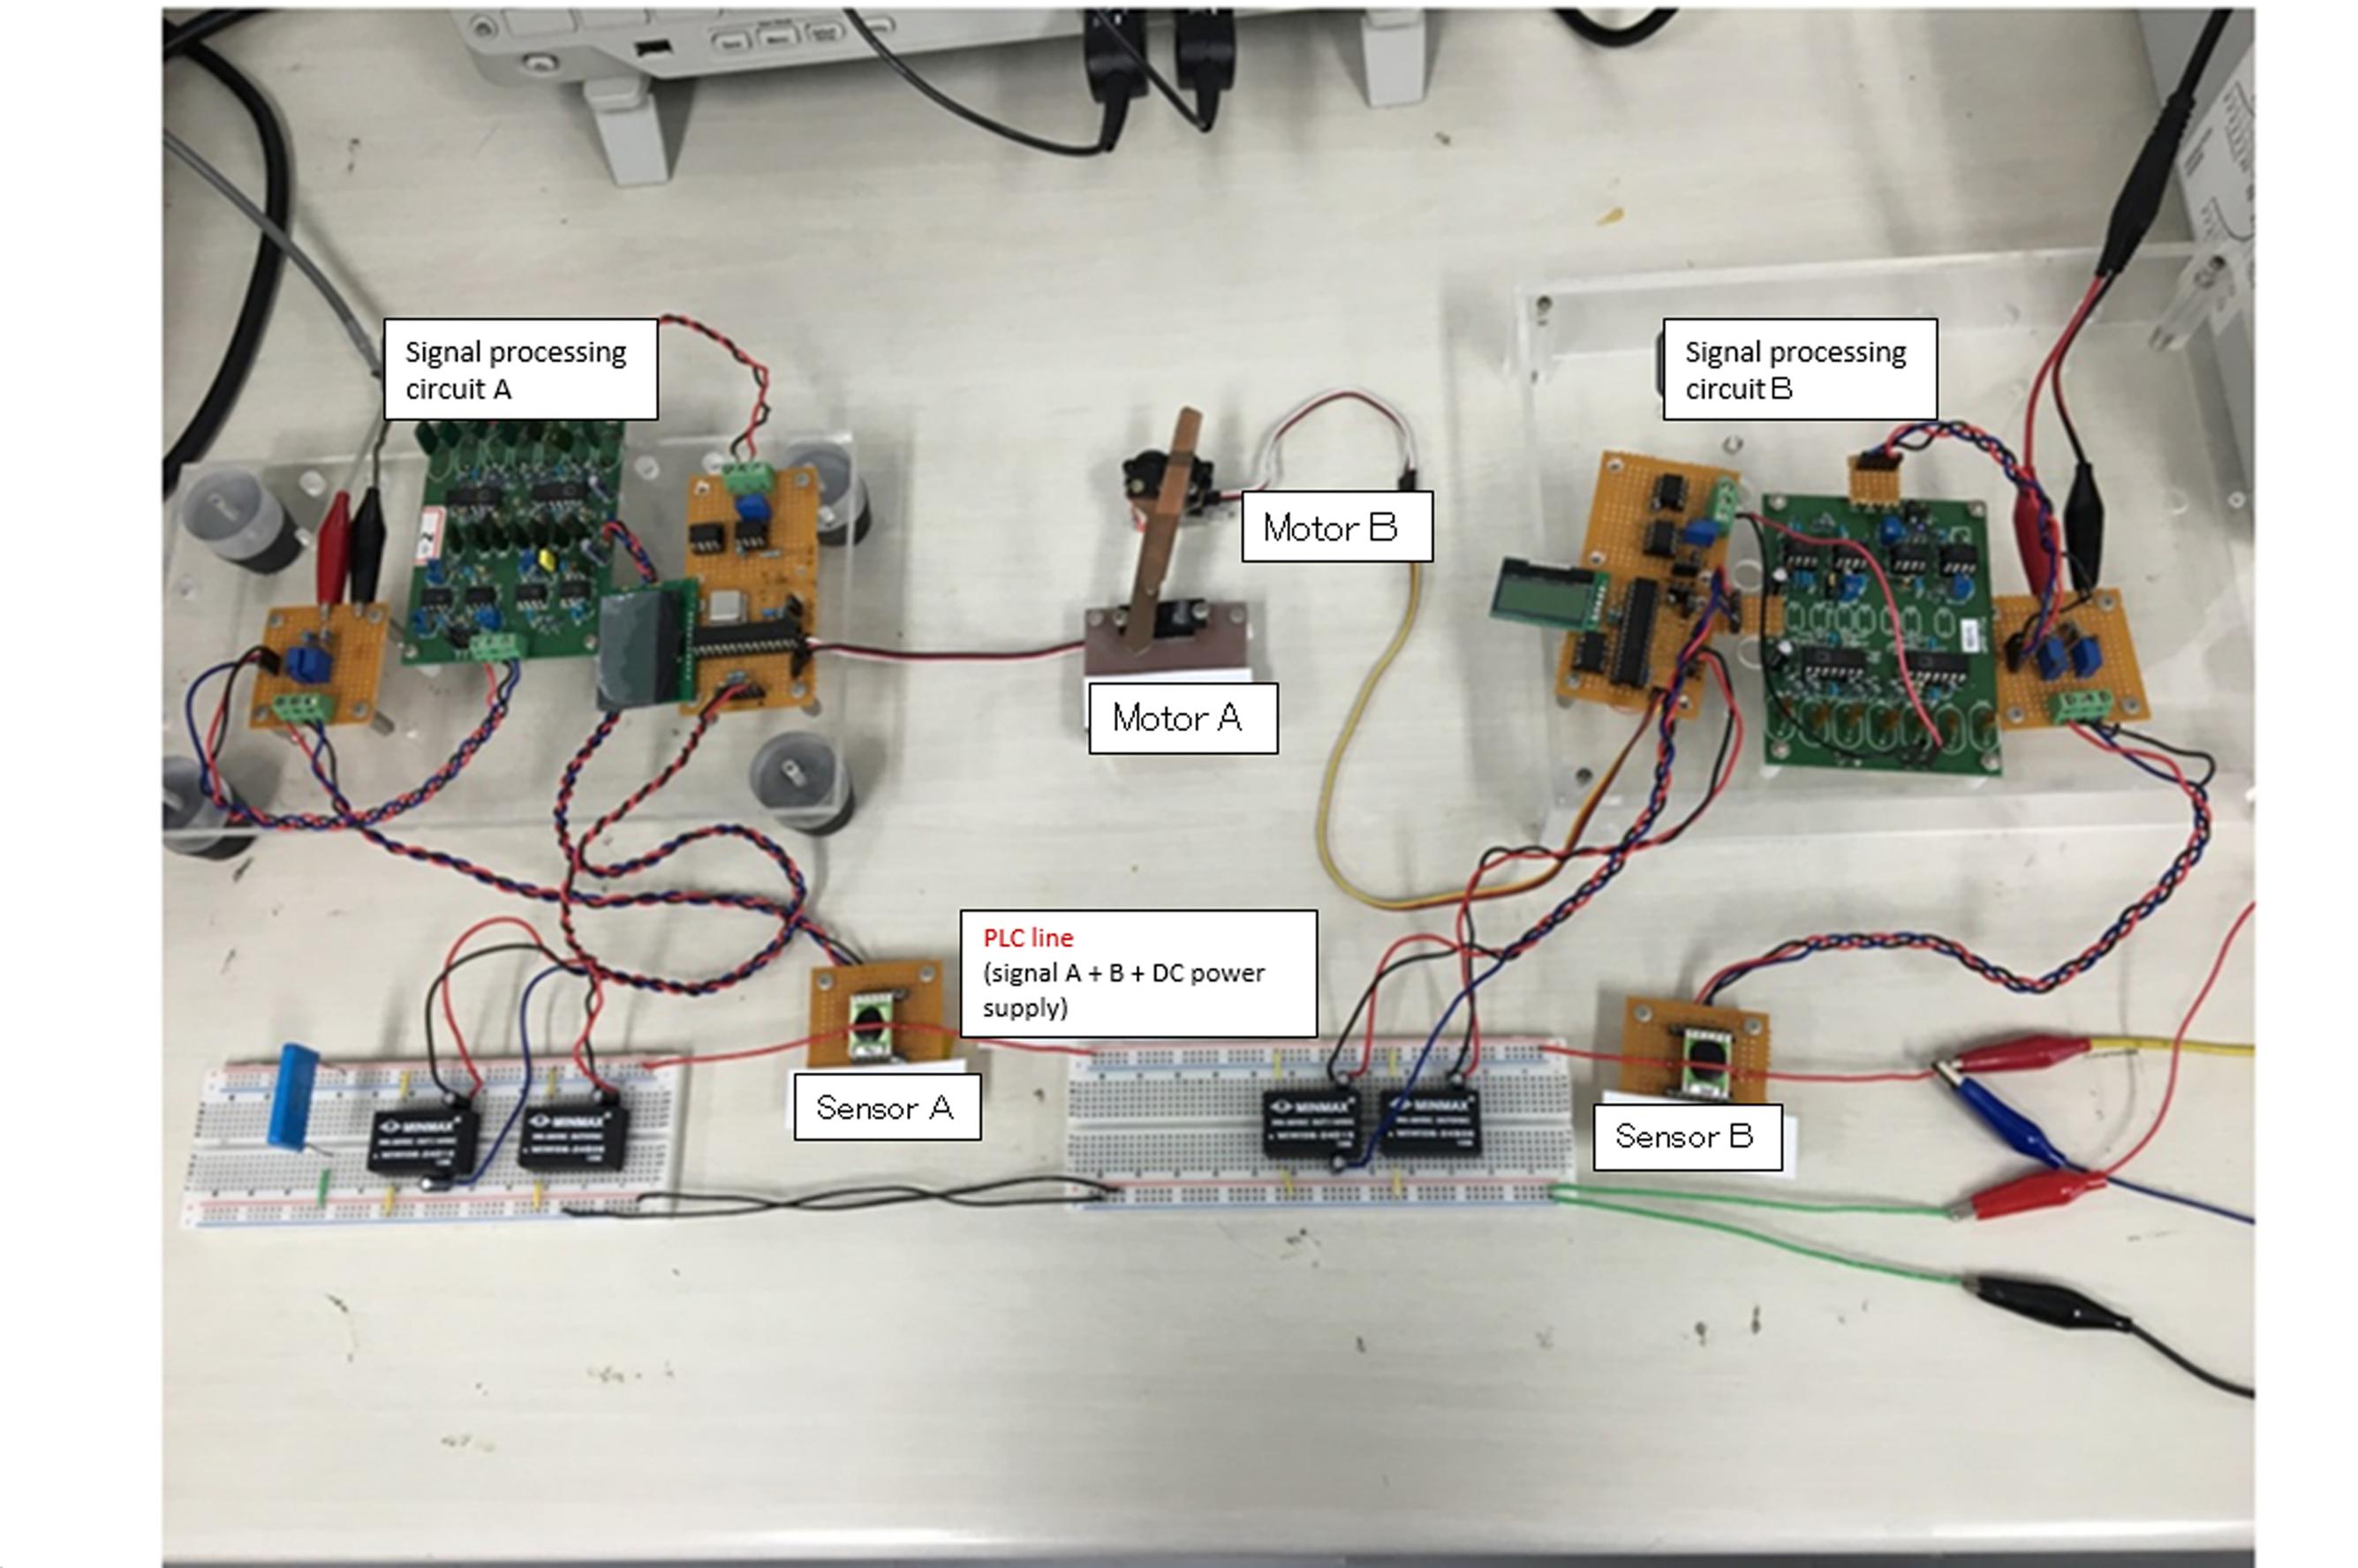 Power line communication (PLC) proposal